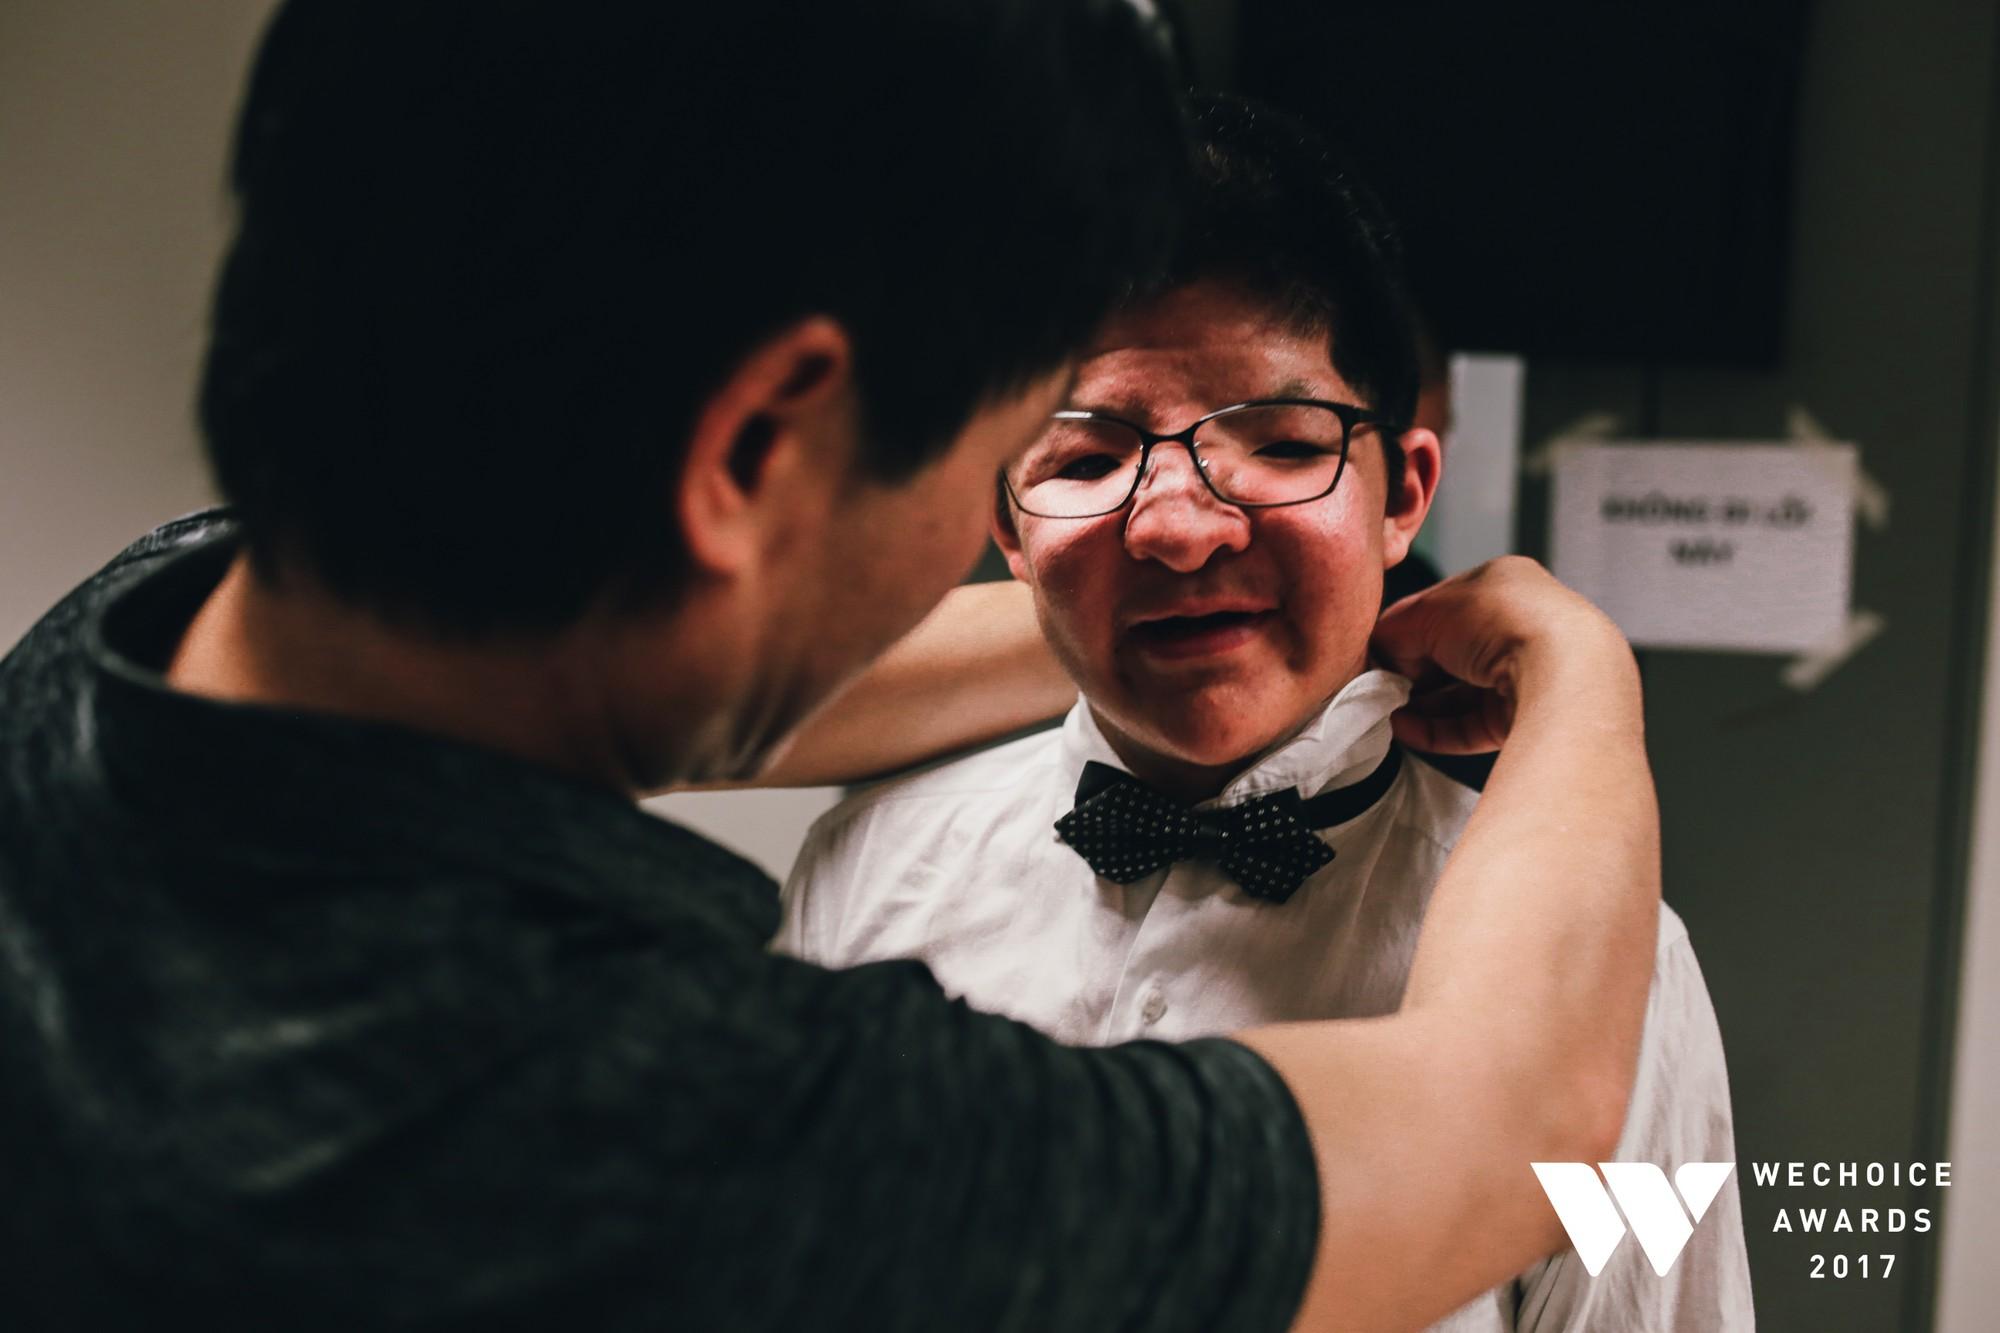 Khoảnh khắc WeChoice Awards: Đẹp nhất là khi Sơn Tùng, bé Bôm và các nghệ sĩ Việt cùng chậm lại trong dòng cảm xúc vỡ òa - Ảnh 1.